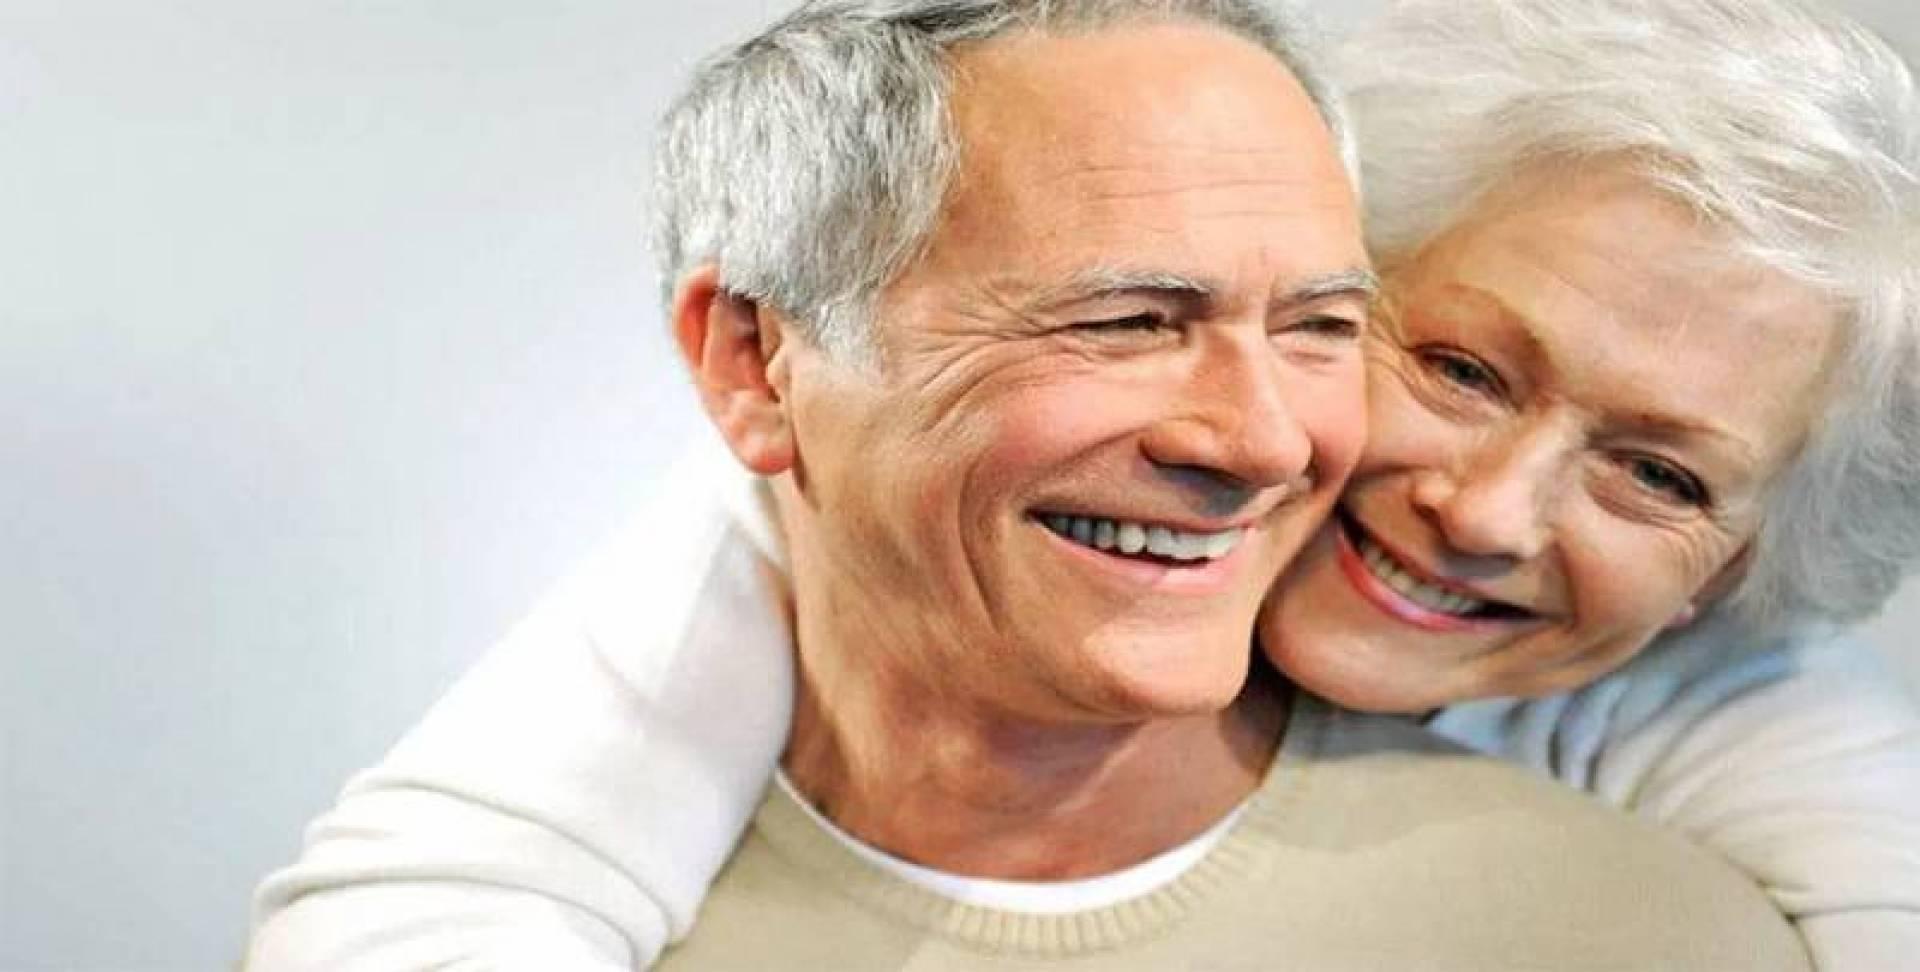 باحثون يضعون نظامين غذائيين لإبطاء الشيخوخة المبكرة